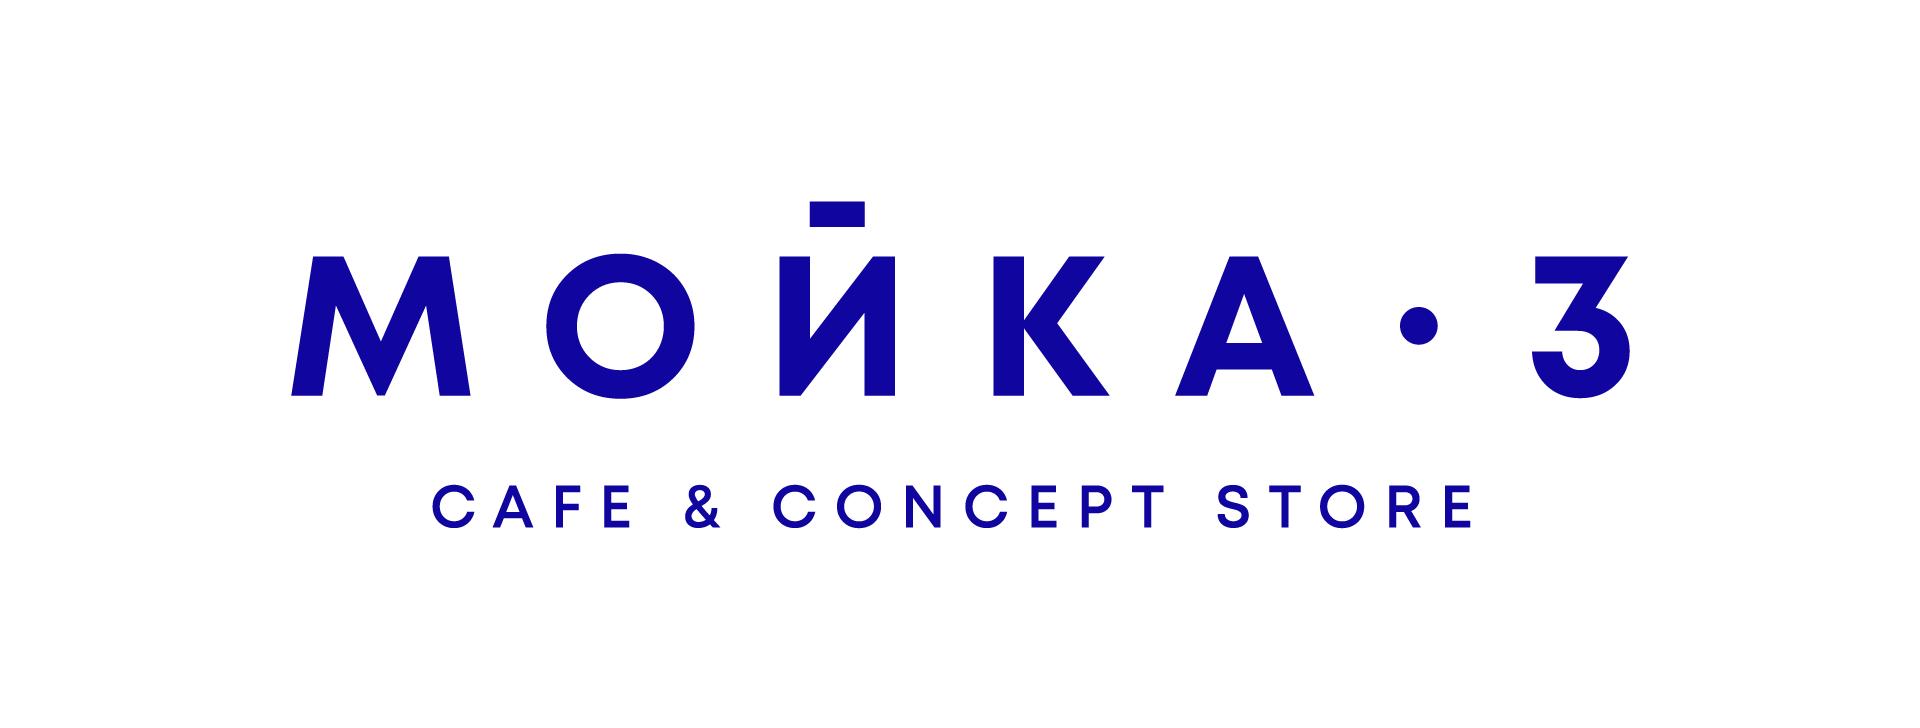 Moyka_3_logotype_4